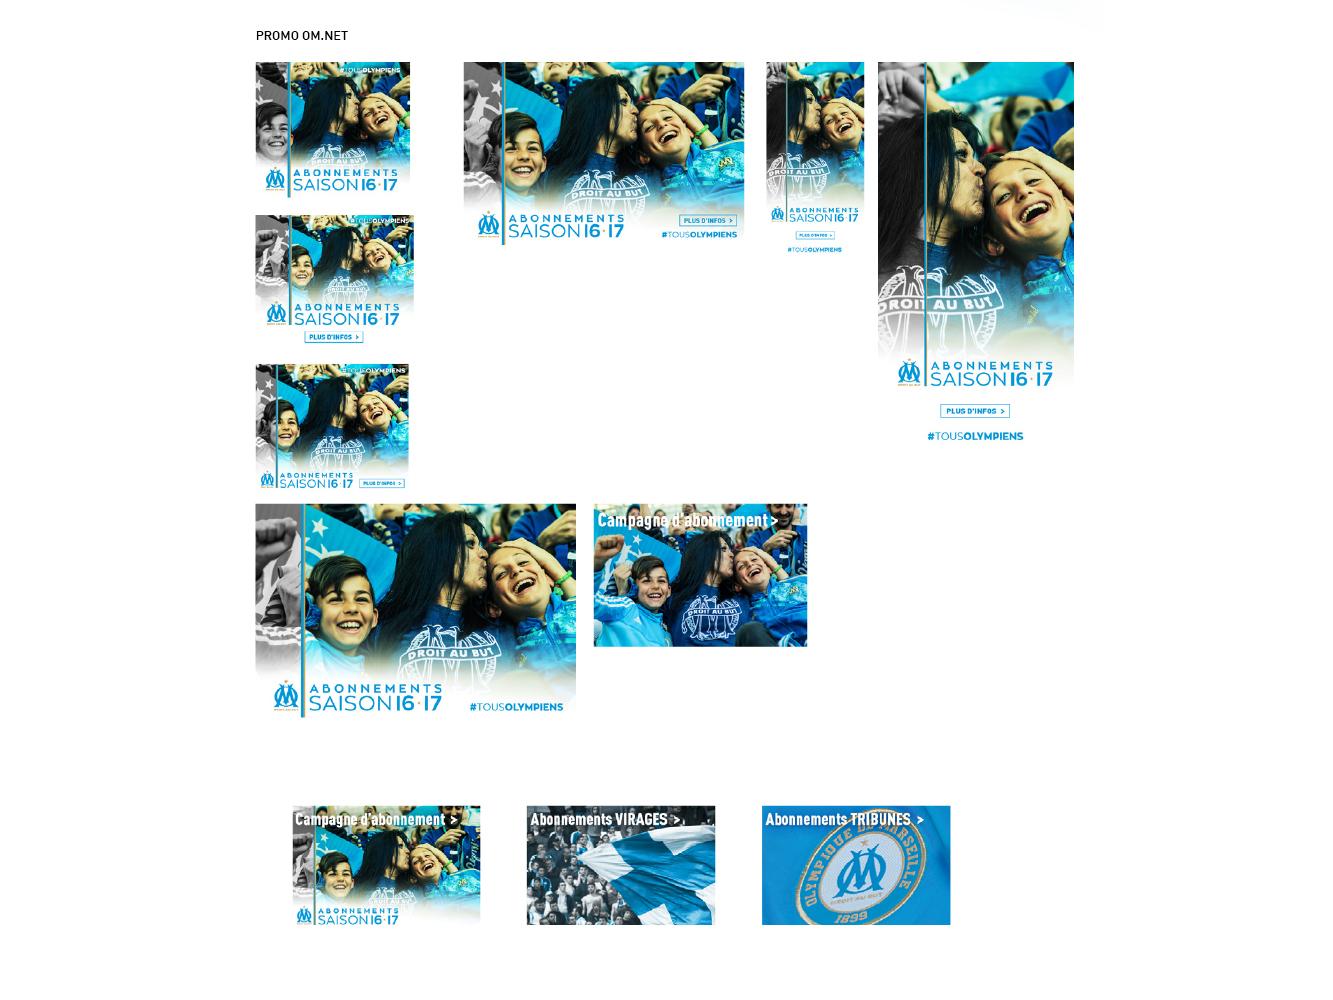 visuels OM.net campagne d'abonnement Olympique de Marseille